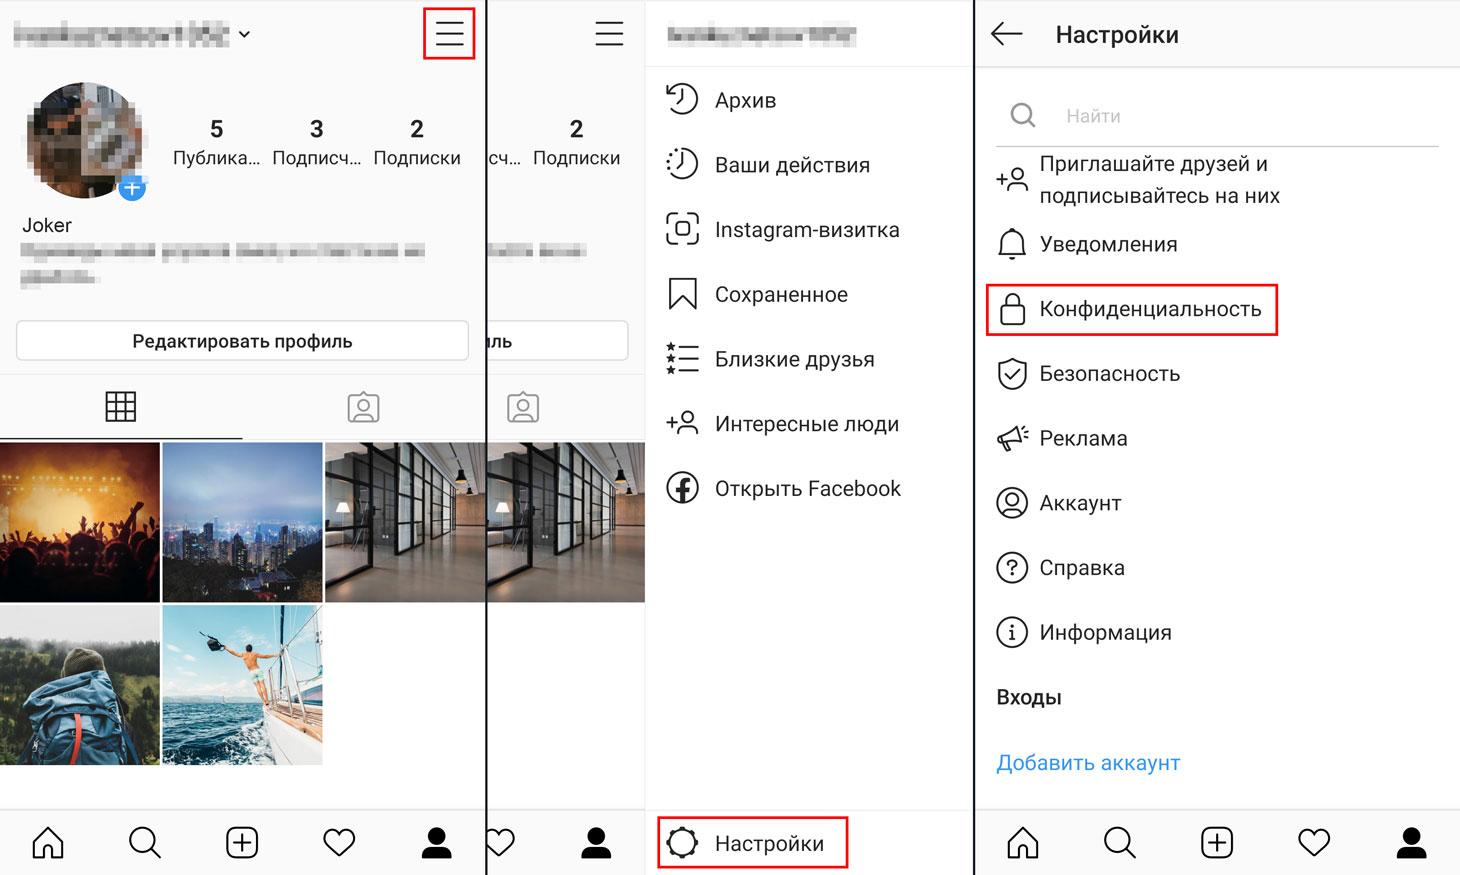 Где найти настройки конфиденциальности в приложении Instagram